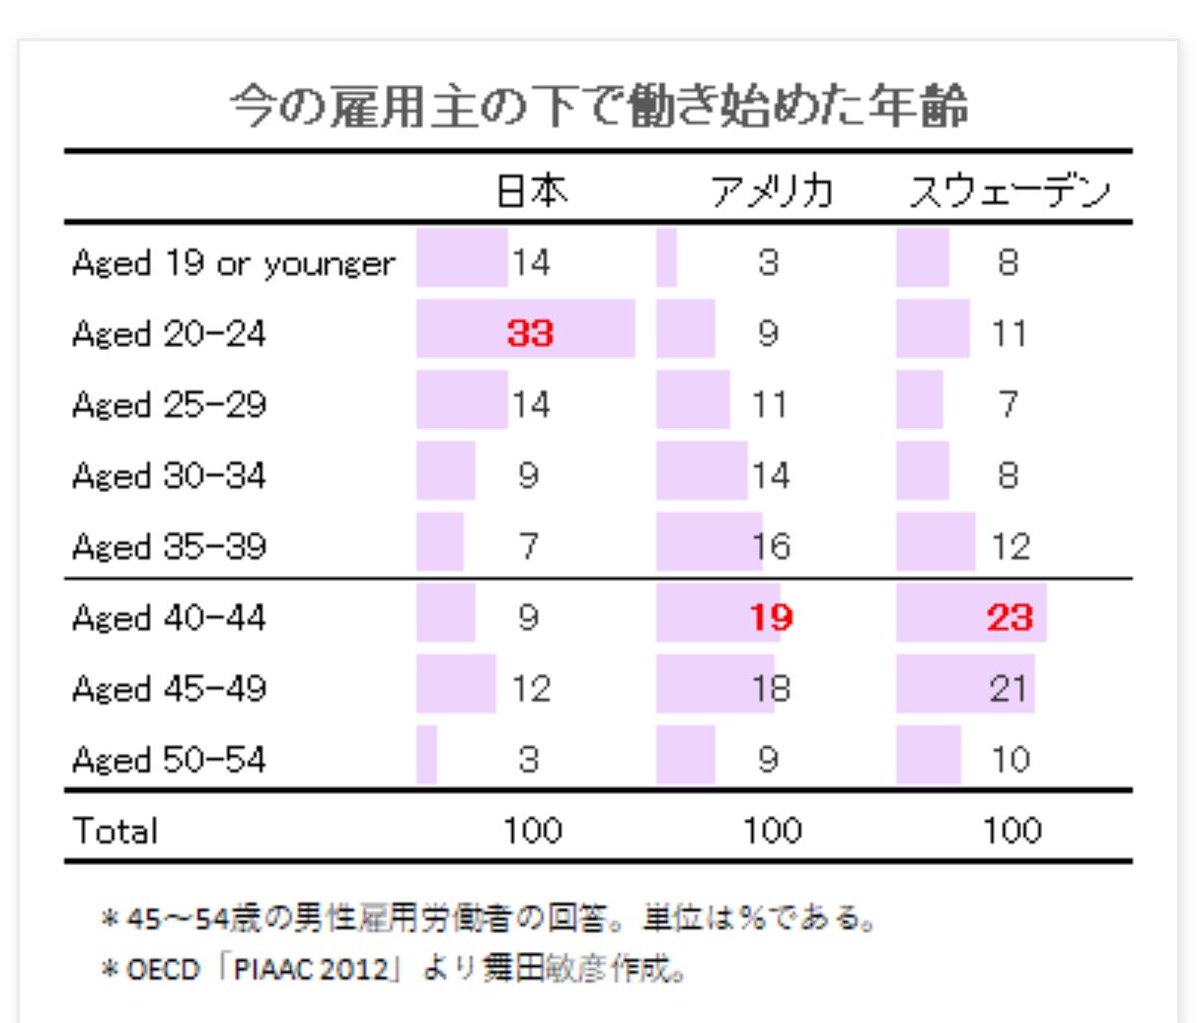 ふと気になり、雇用流動性をググったら日本は相対的に低かった。中途採用が当たり前で生きてきたので誤解しがちだけど、新卒文化の土台が洗い替えするのはもうちょい先ですね。キャリアと待遇を上げながら転職できるプロの方も増加してるし、方向はハッキリしてるかな。